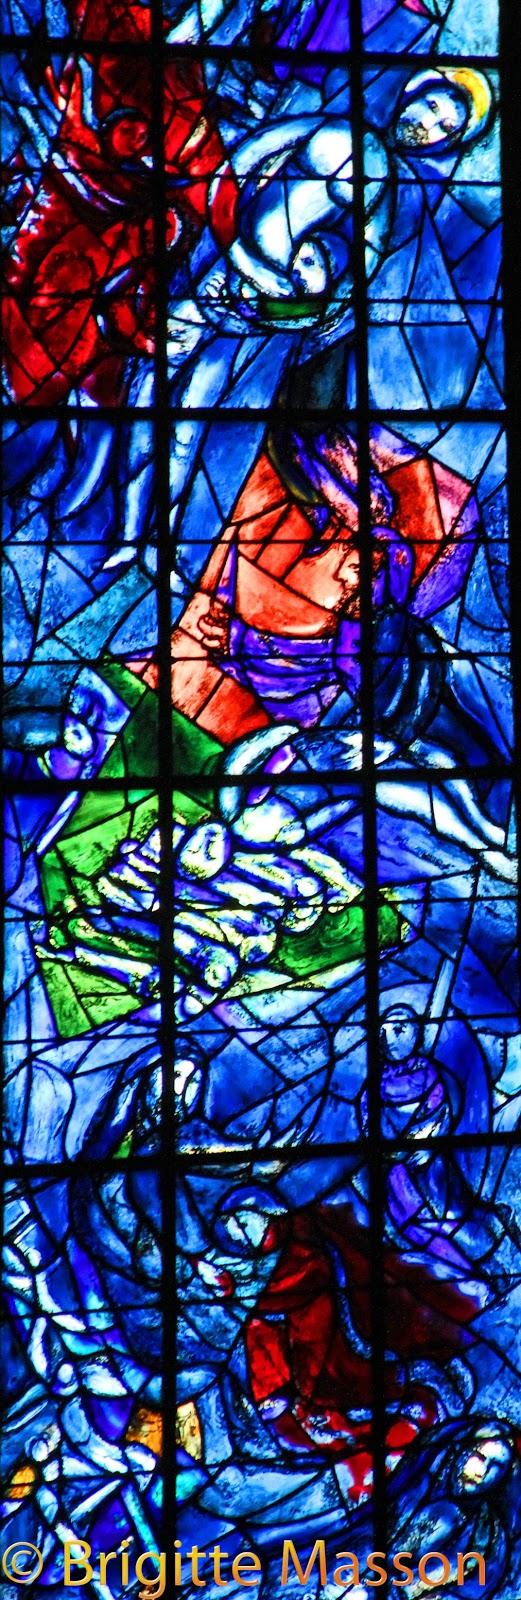 Le blog de b masson chagall artiste peintre for Artiste peintre narbonne